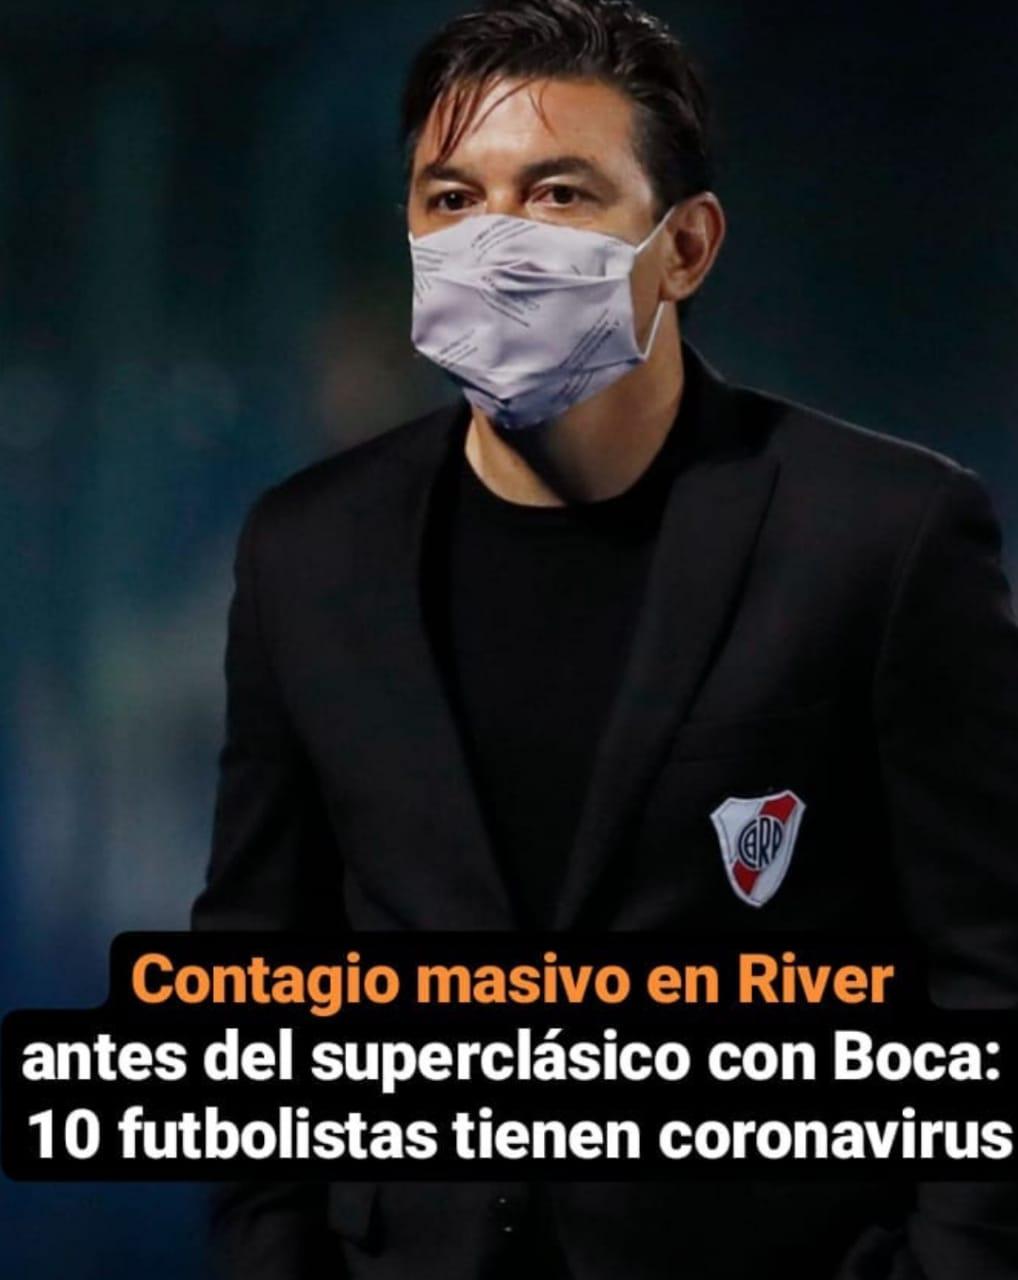 Diez jugadores de River dieron positivo de Covid a un día del superclásico